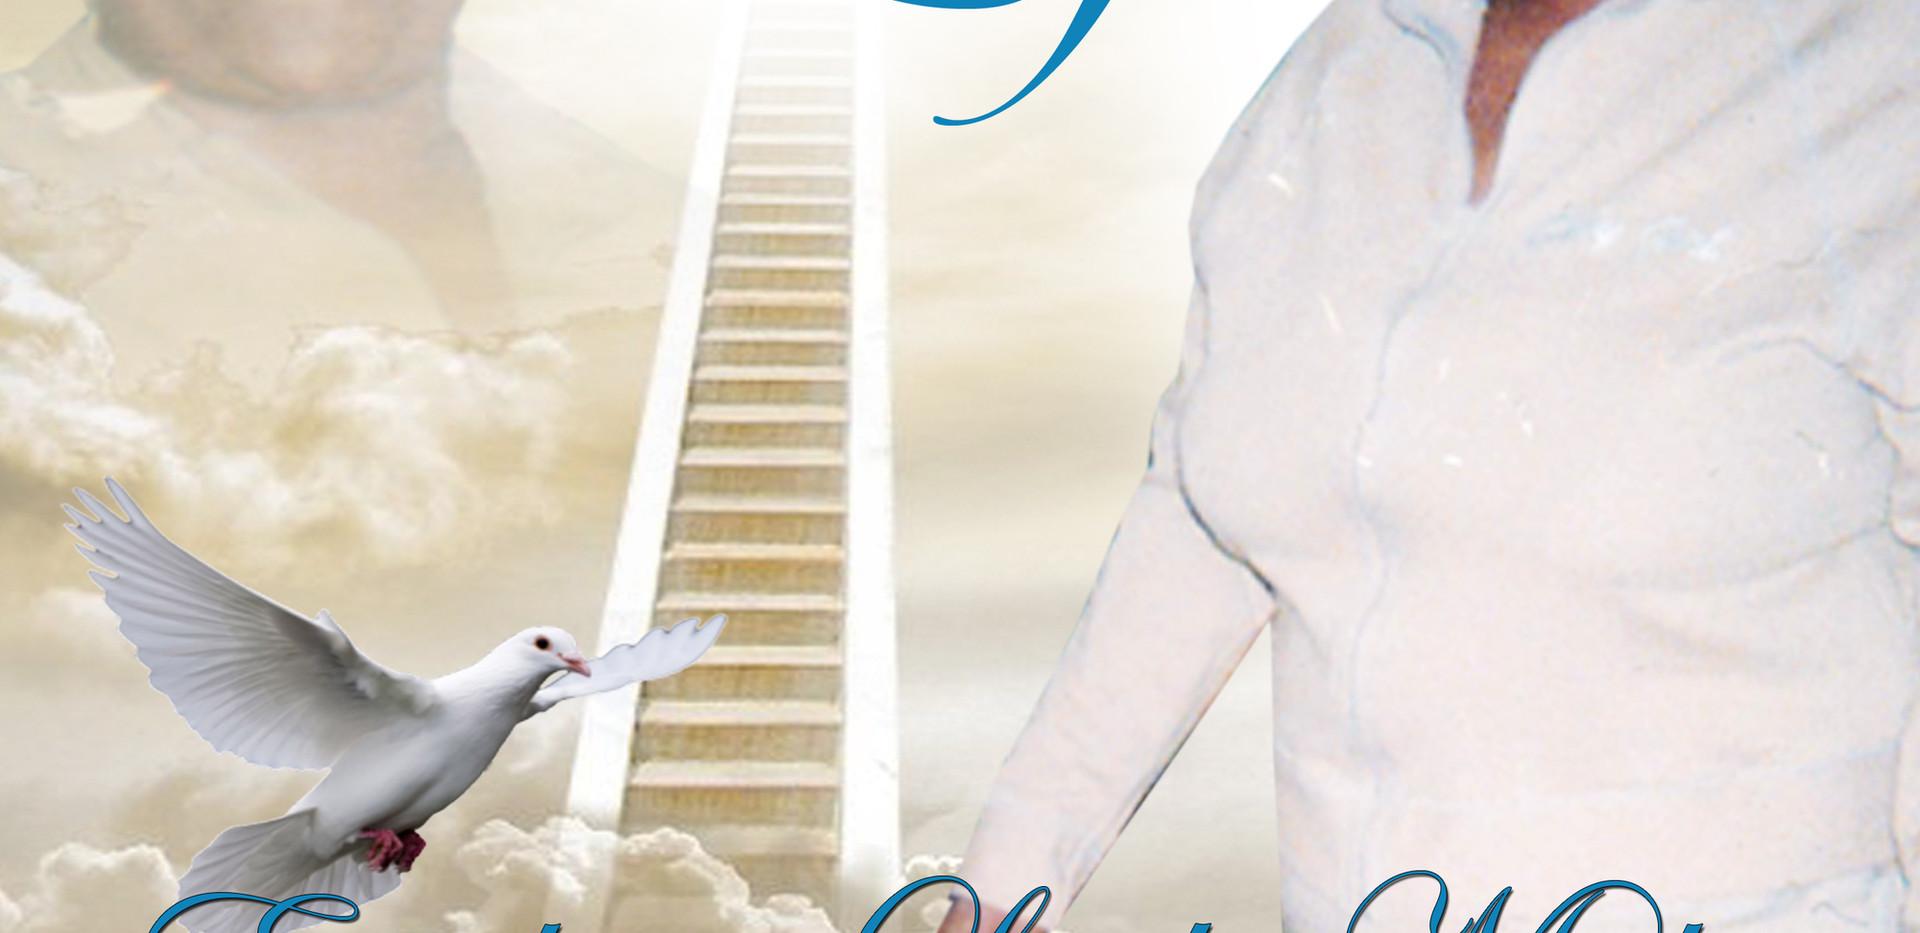 Earlene Lock Mayles obit cover layout.jp